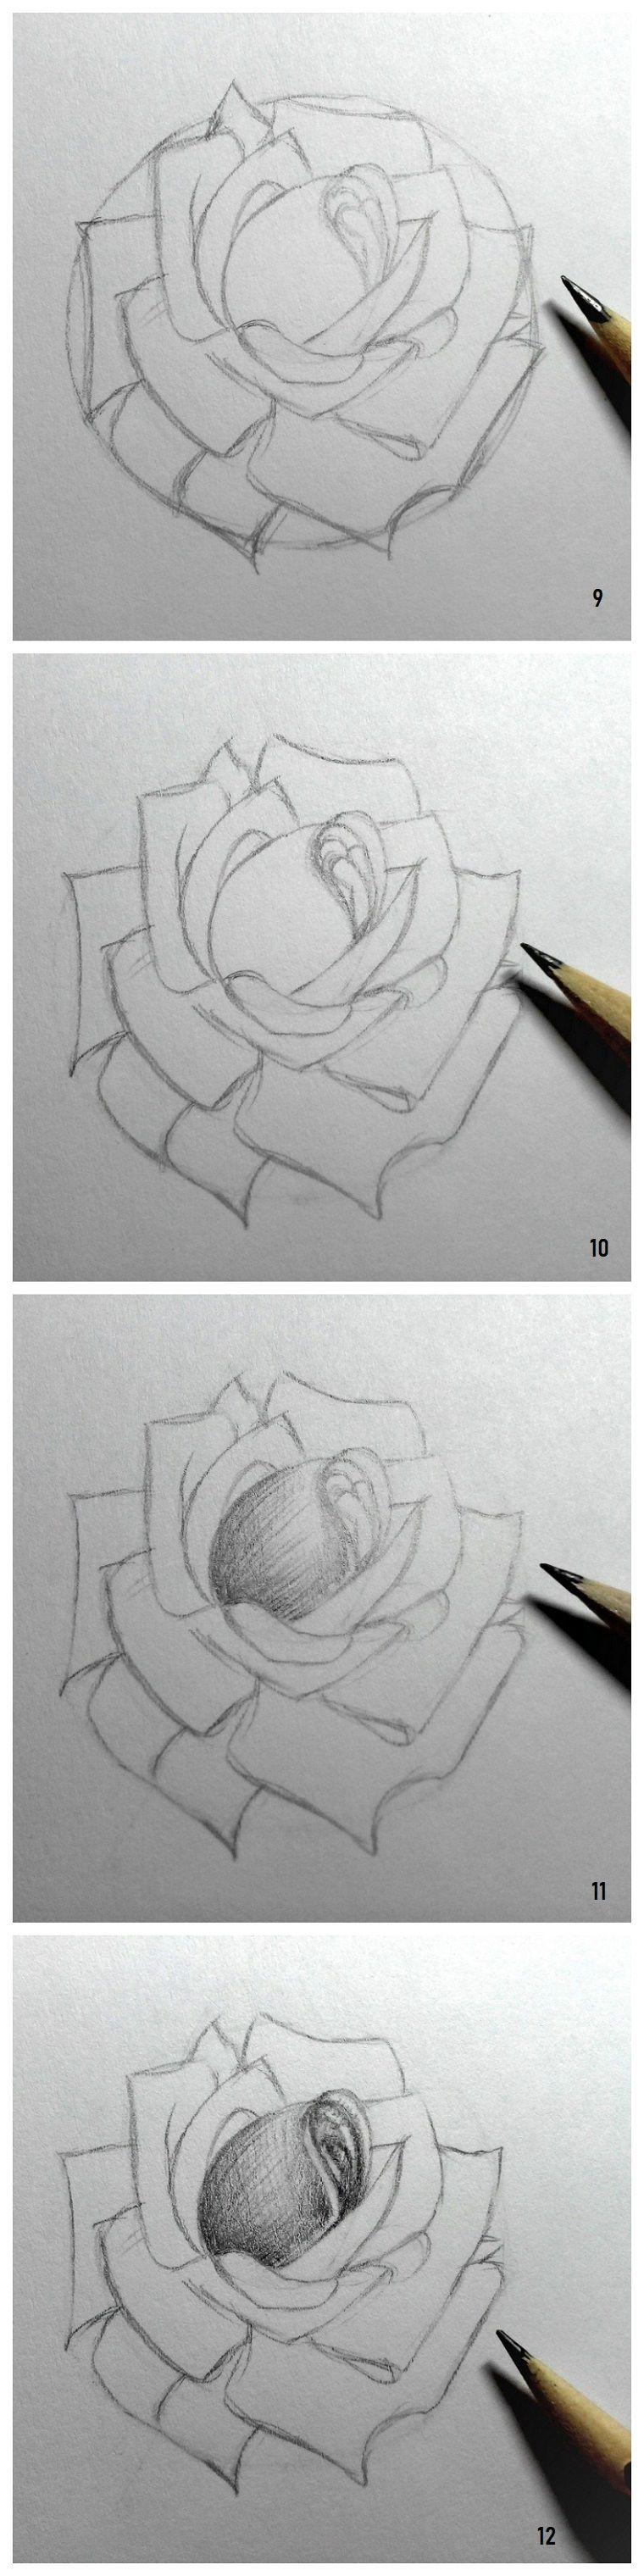 Disegni Da Copiare Facili E Belli Disegno Di Una Rosa Disegnare